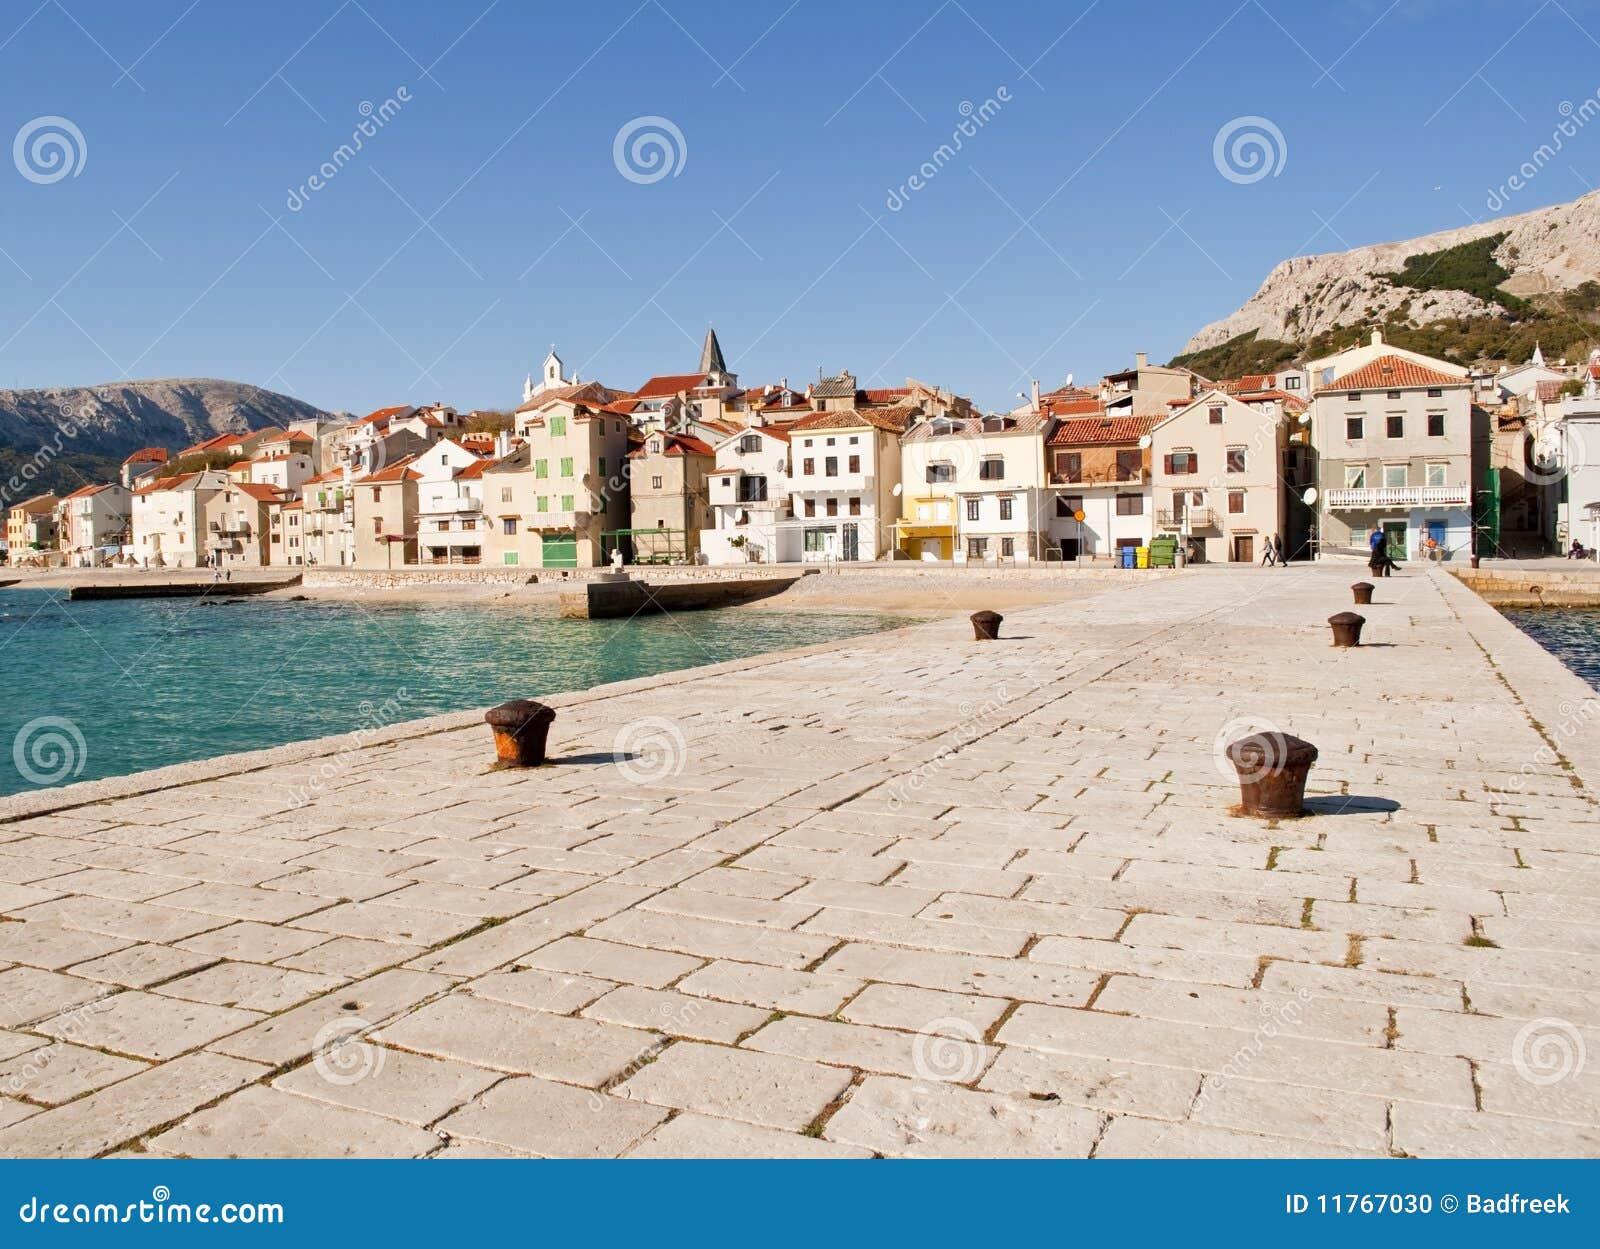 Baska krk stary nadmorski miasteczko